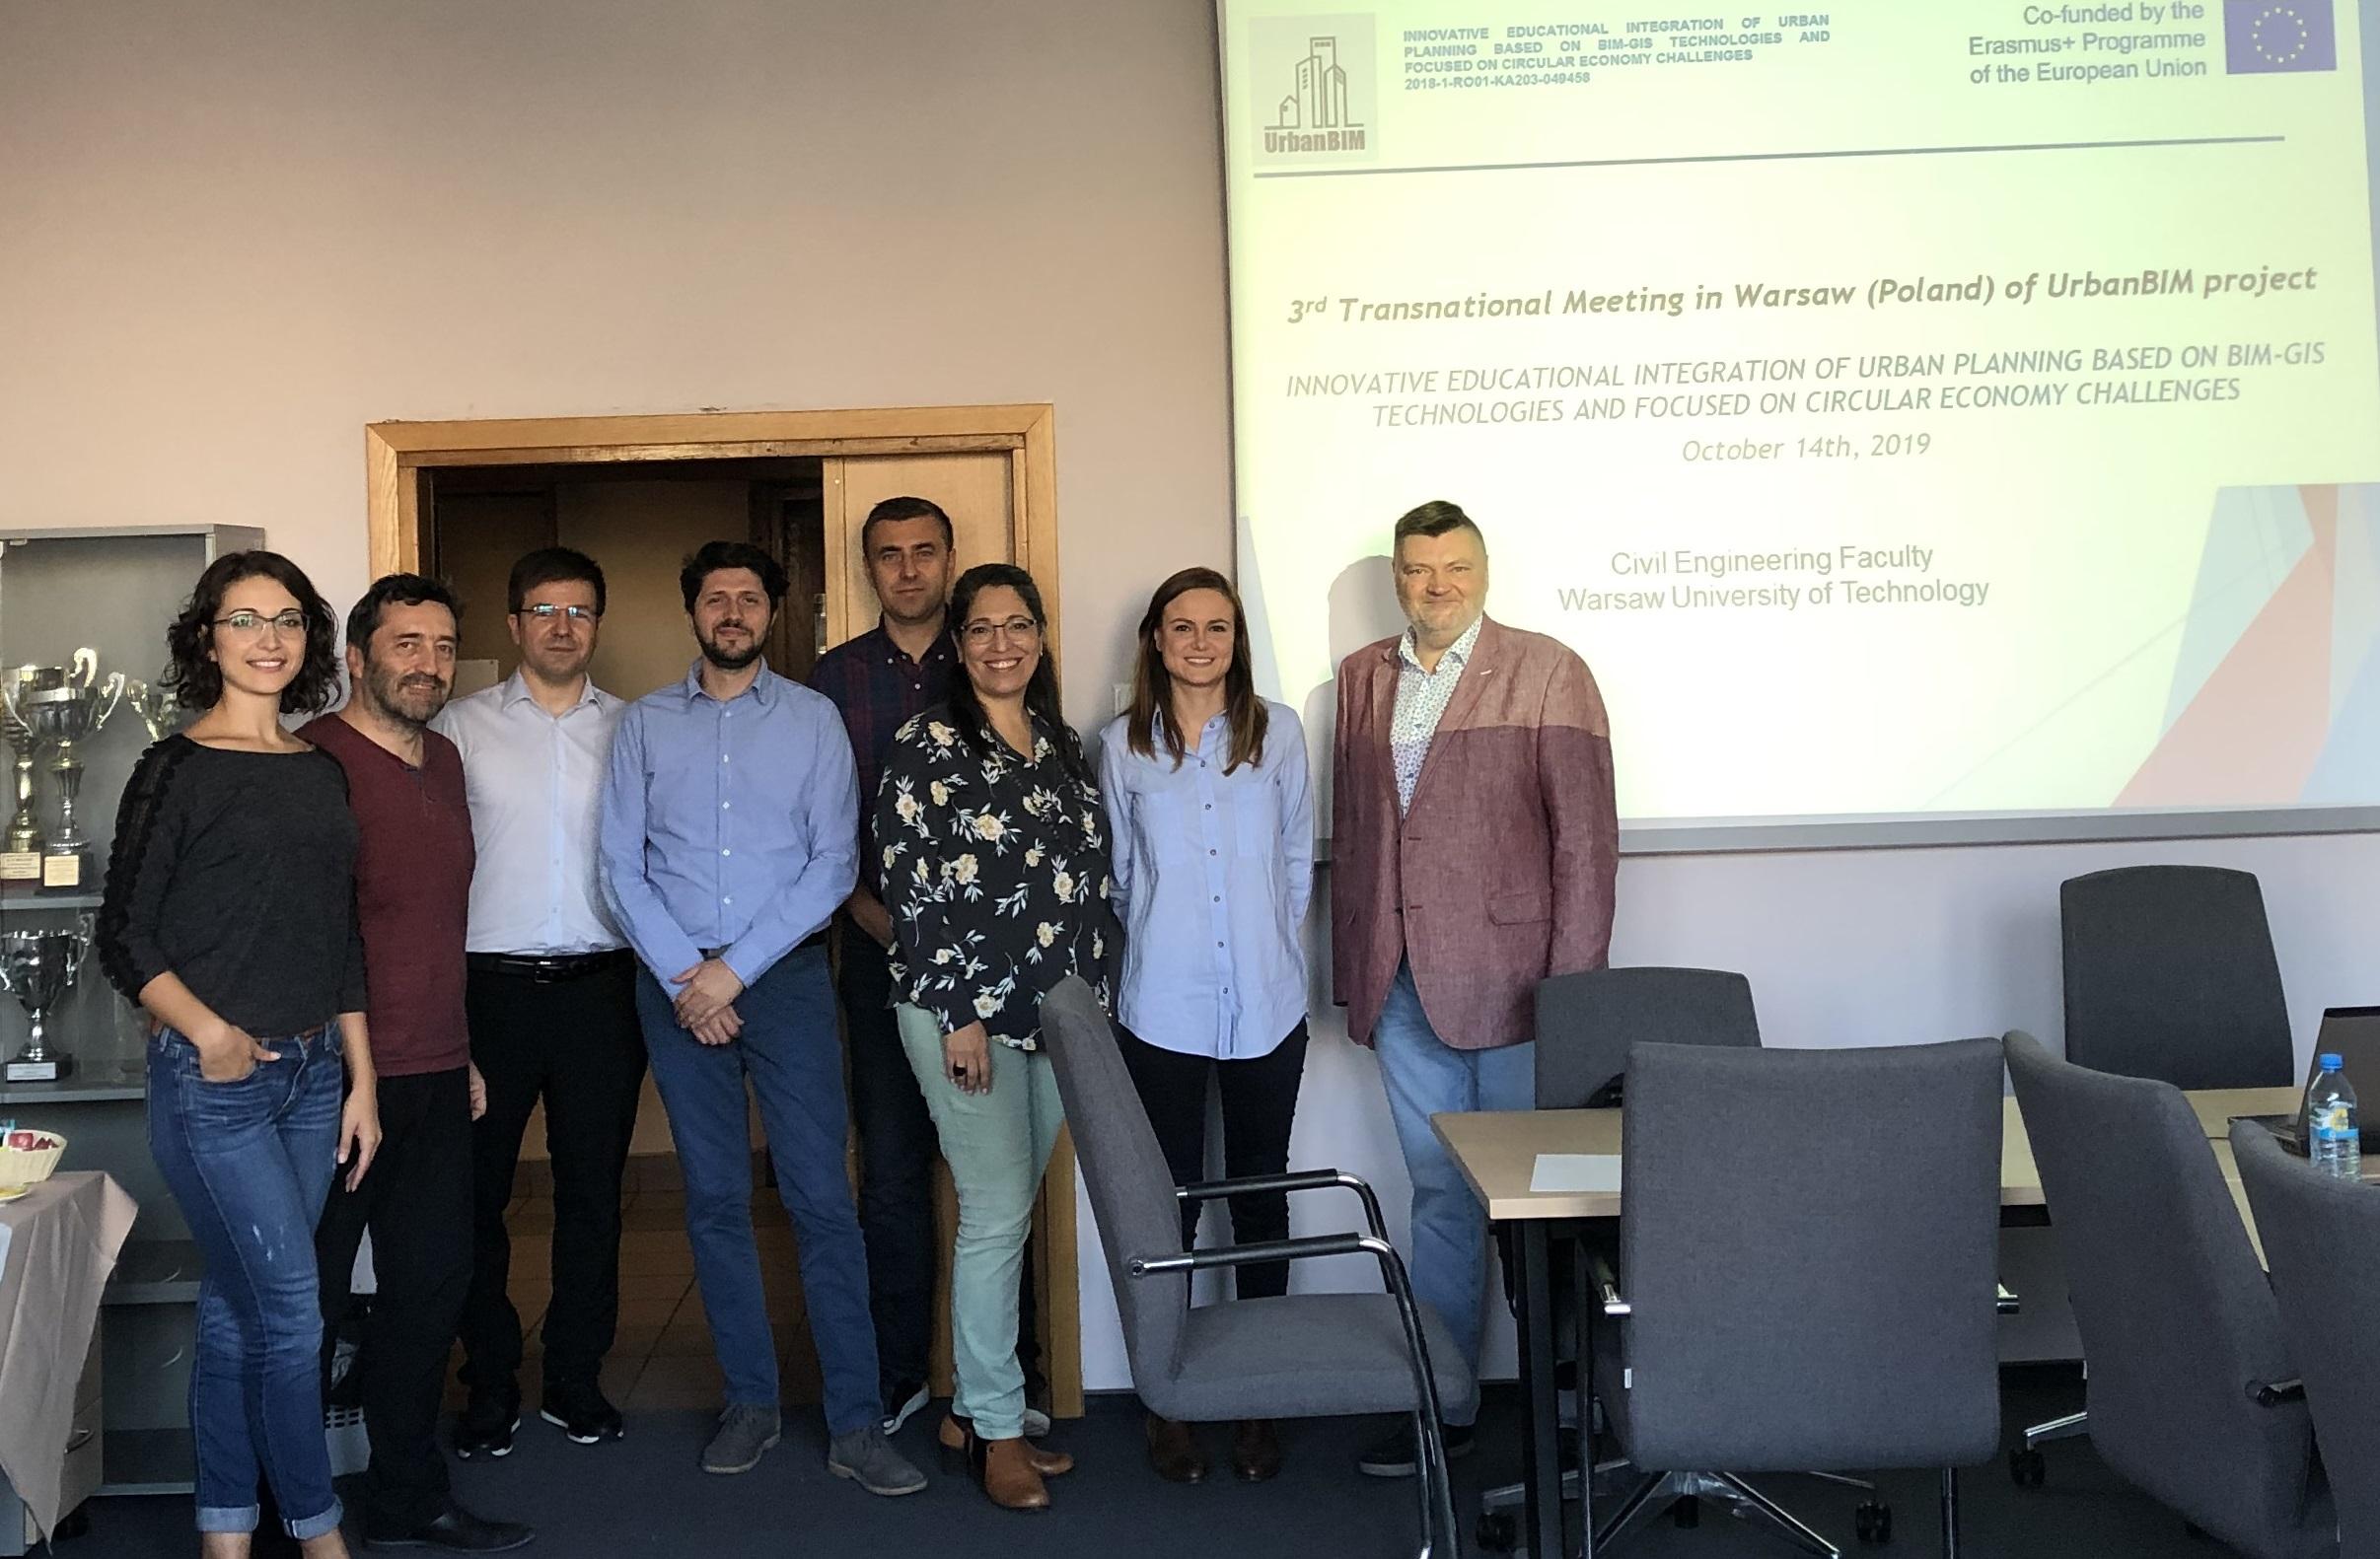 Tercera reunión internacional del Proyecto europeo UrbanBIM en Varsovia